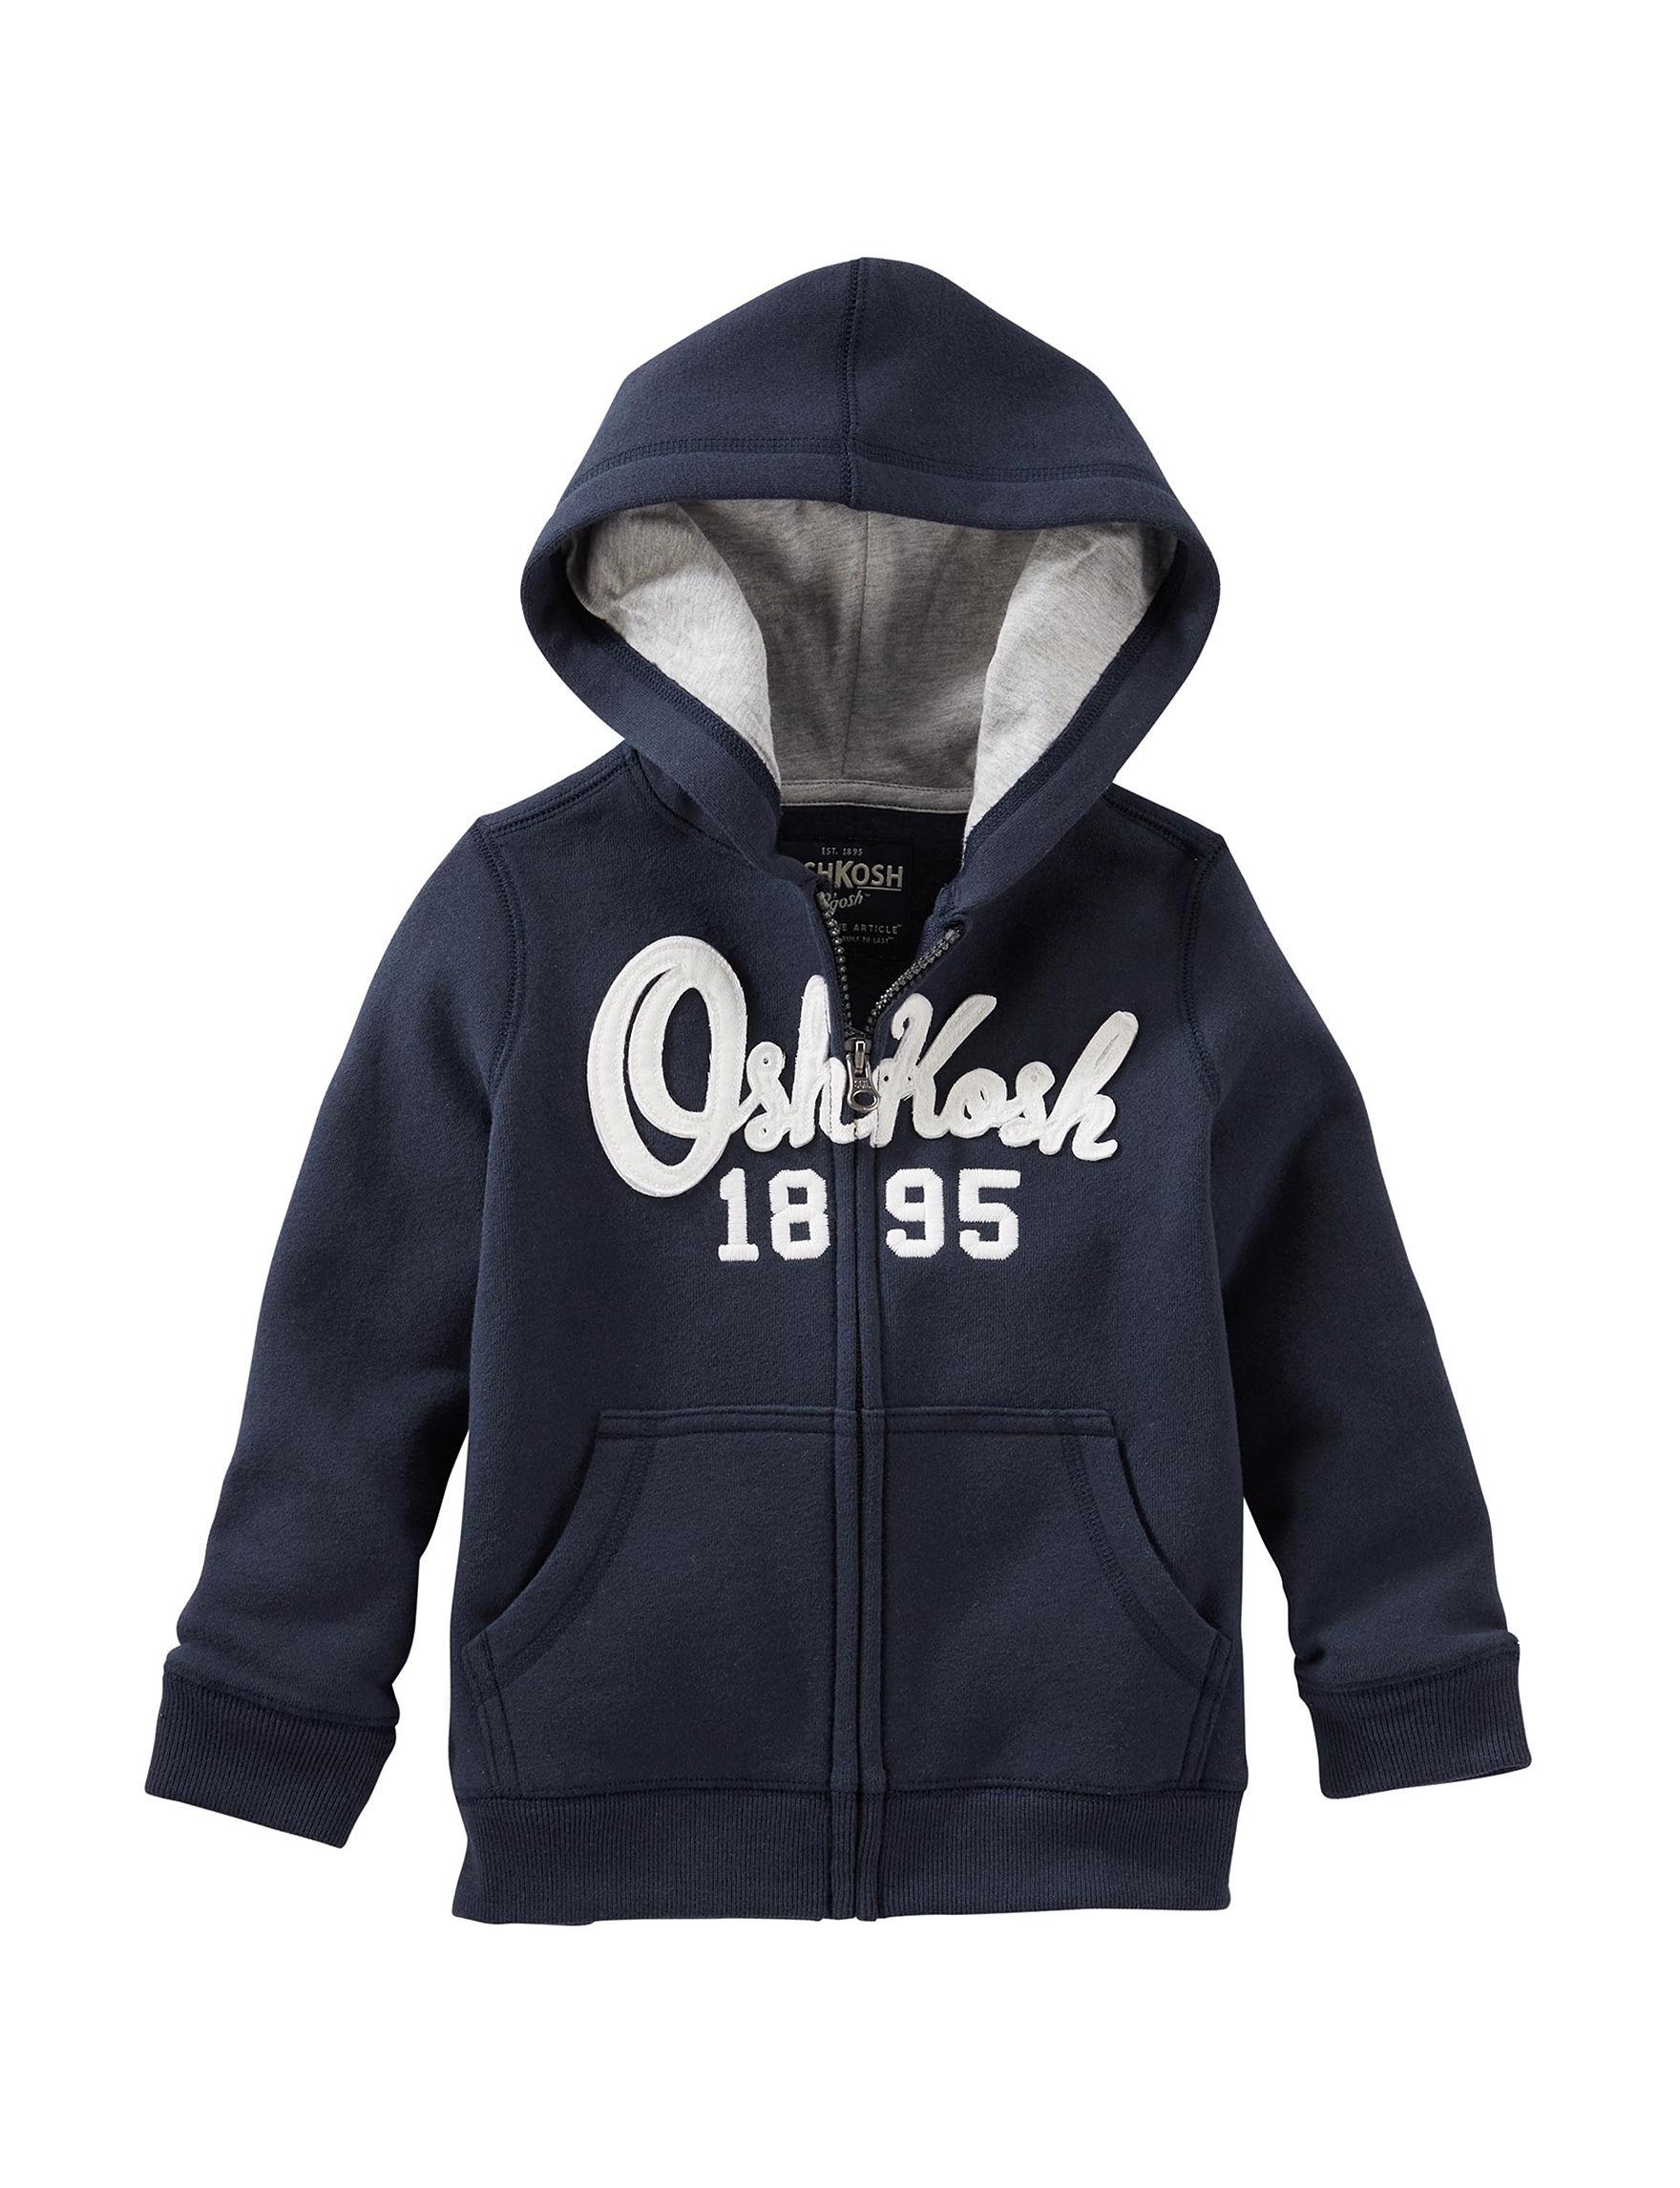 Oshkosh B'Gosh Navy Lightweight Jackets & Blazers